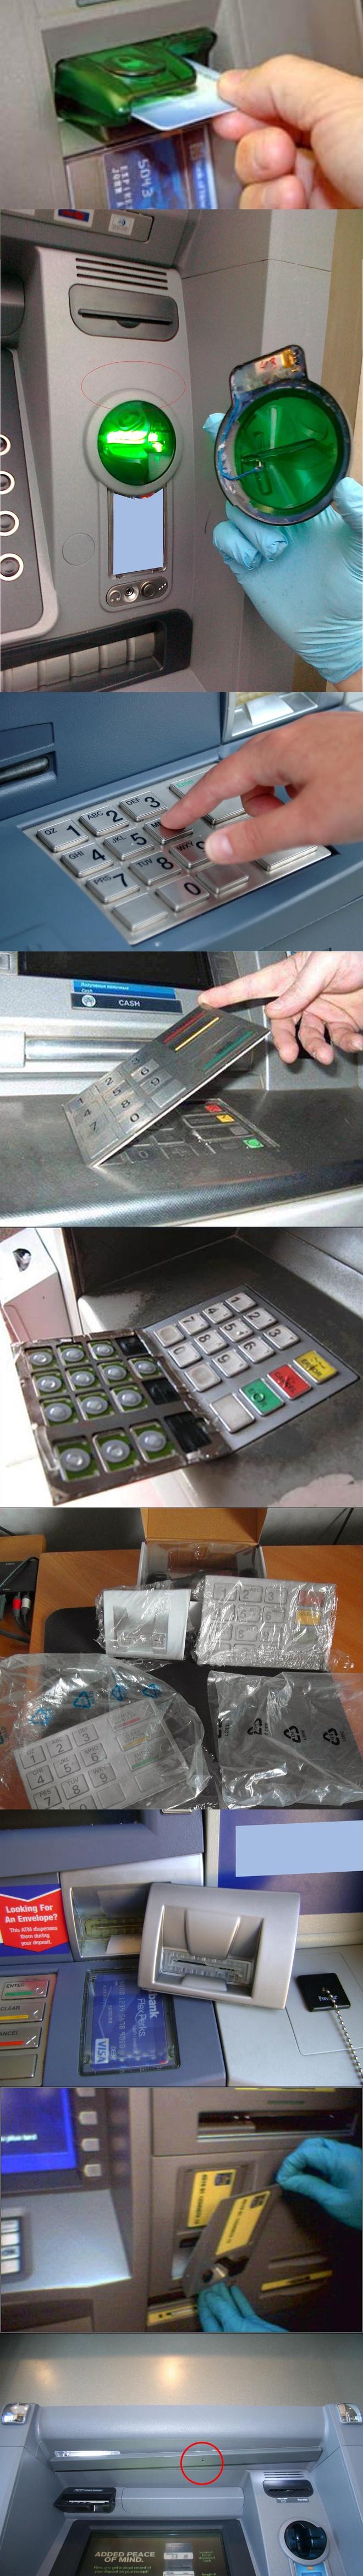 Skimmer - thiết bị sao chép thẻ ATM